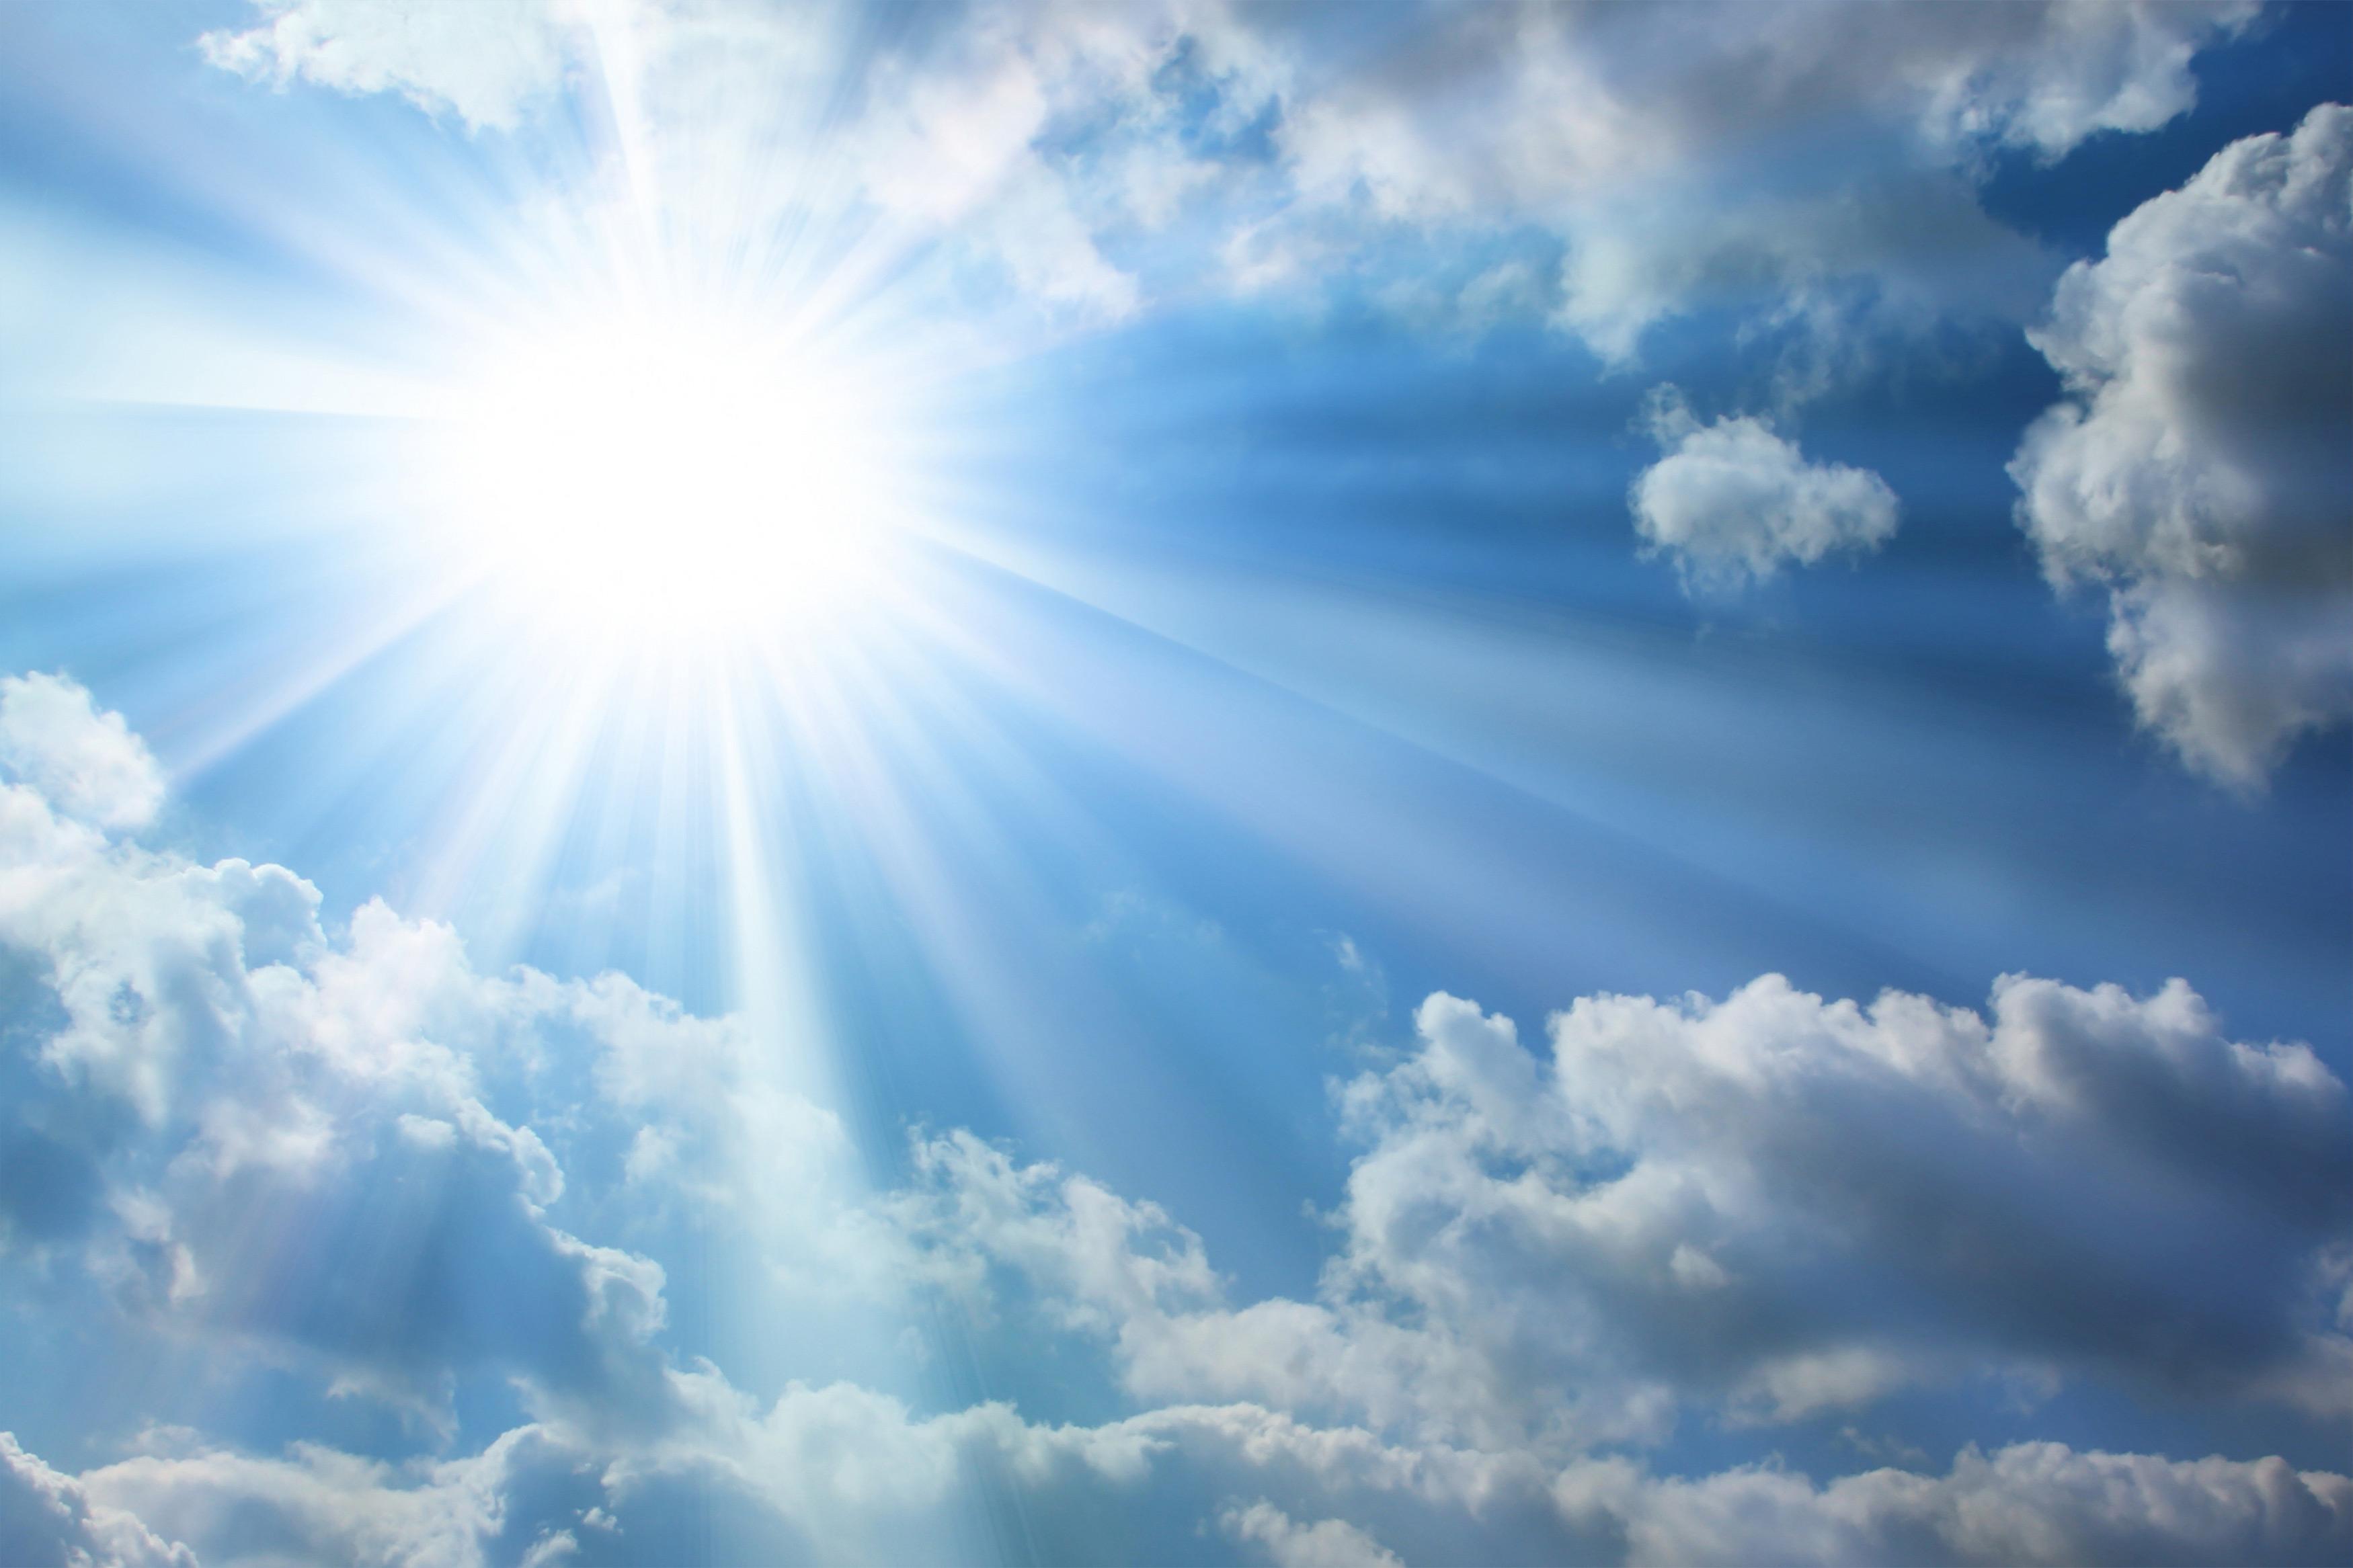 جذب نور خورشید به سلامت روده بزرگ کمک میکند